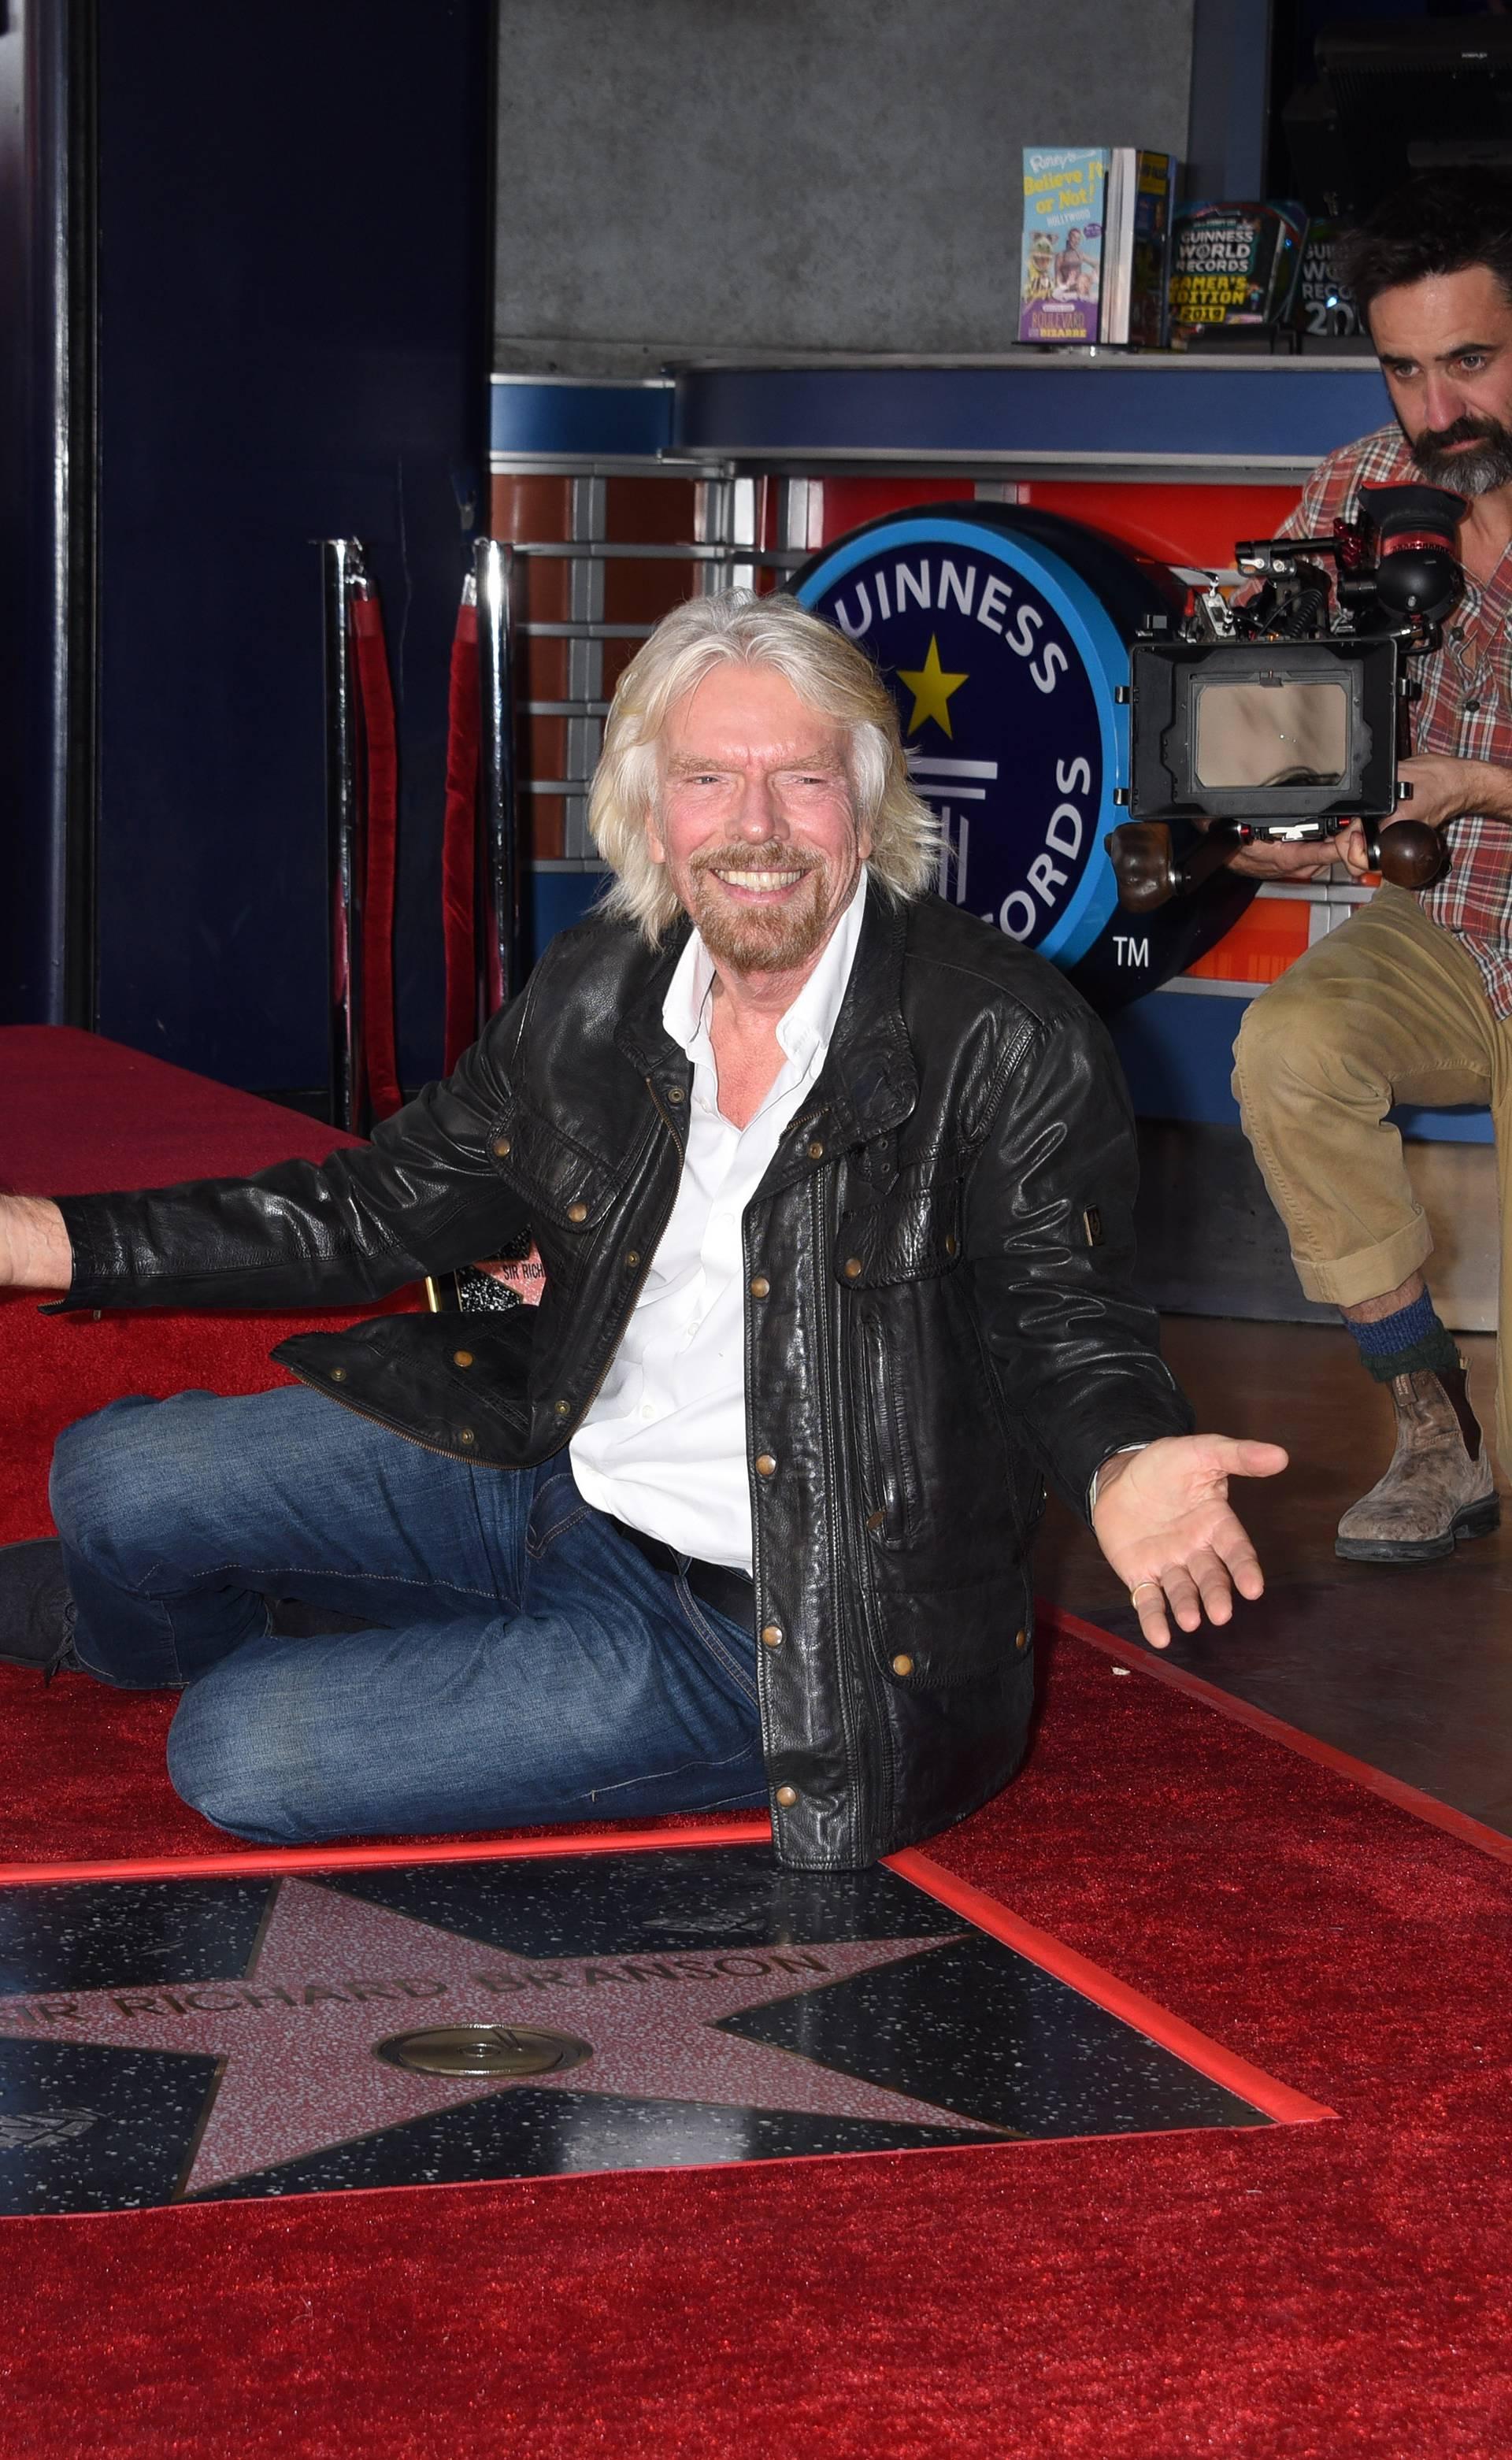 Osnivač Virgina: Nema malih ni velikih ideja, sve su ostvarive